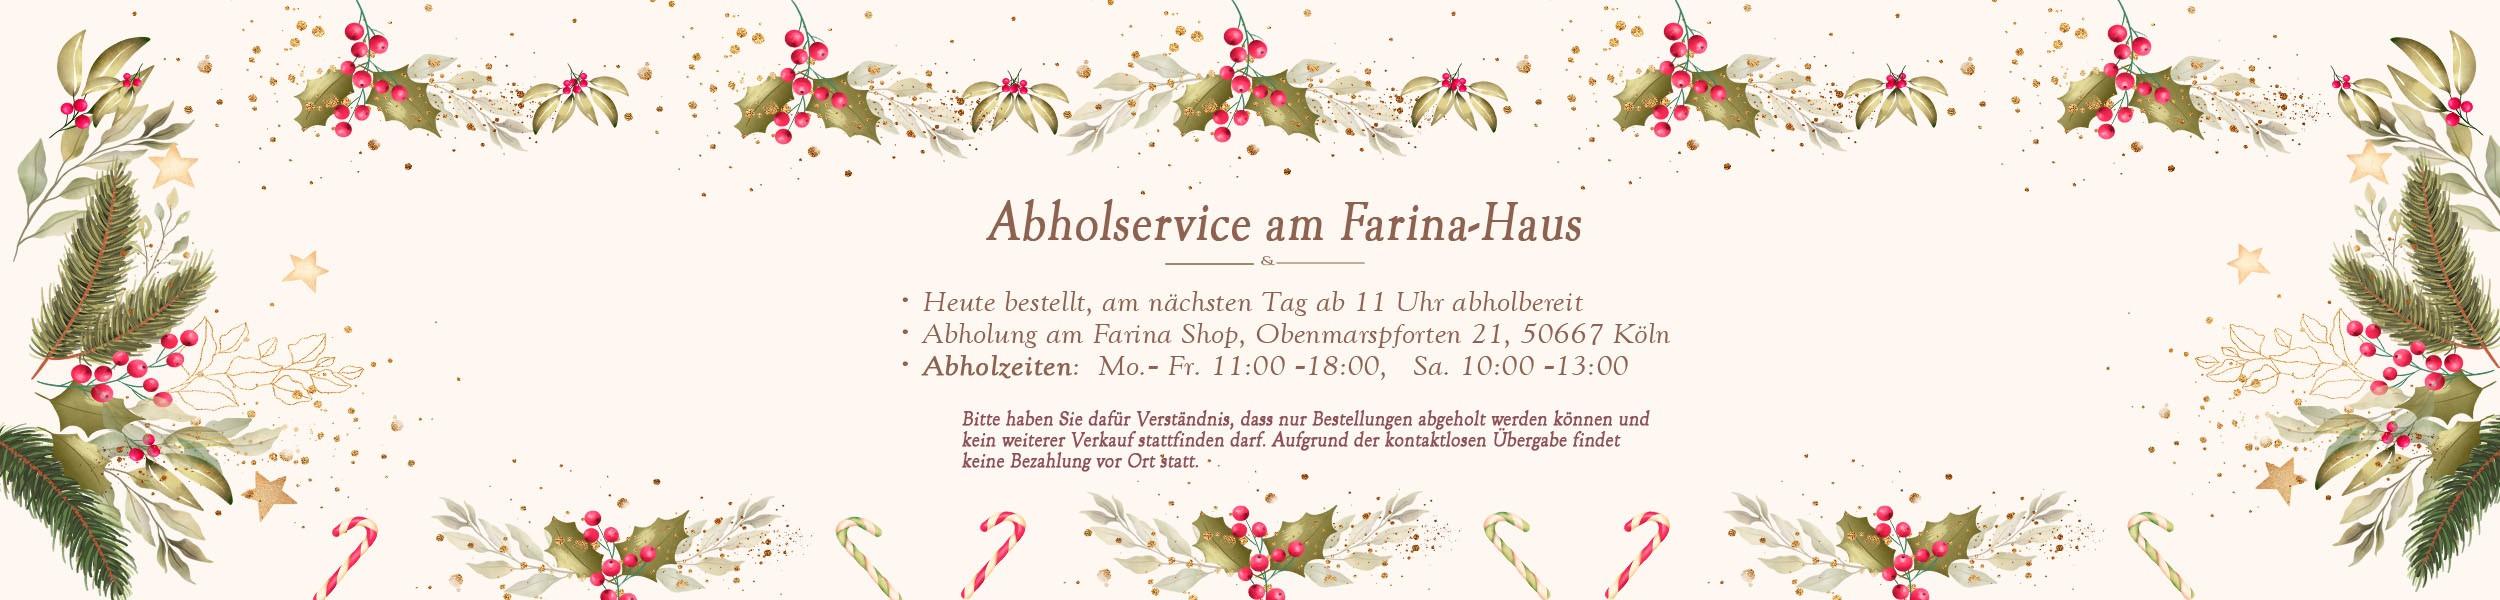 Farina Abholservice